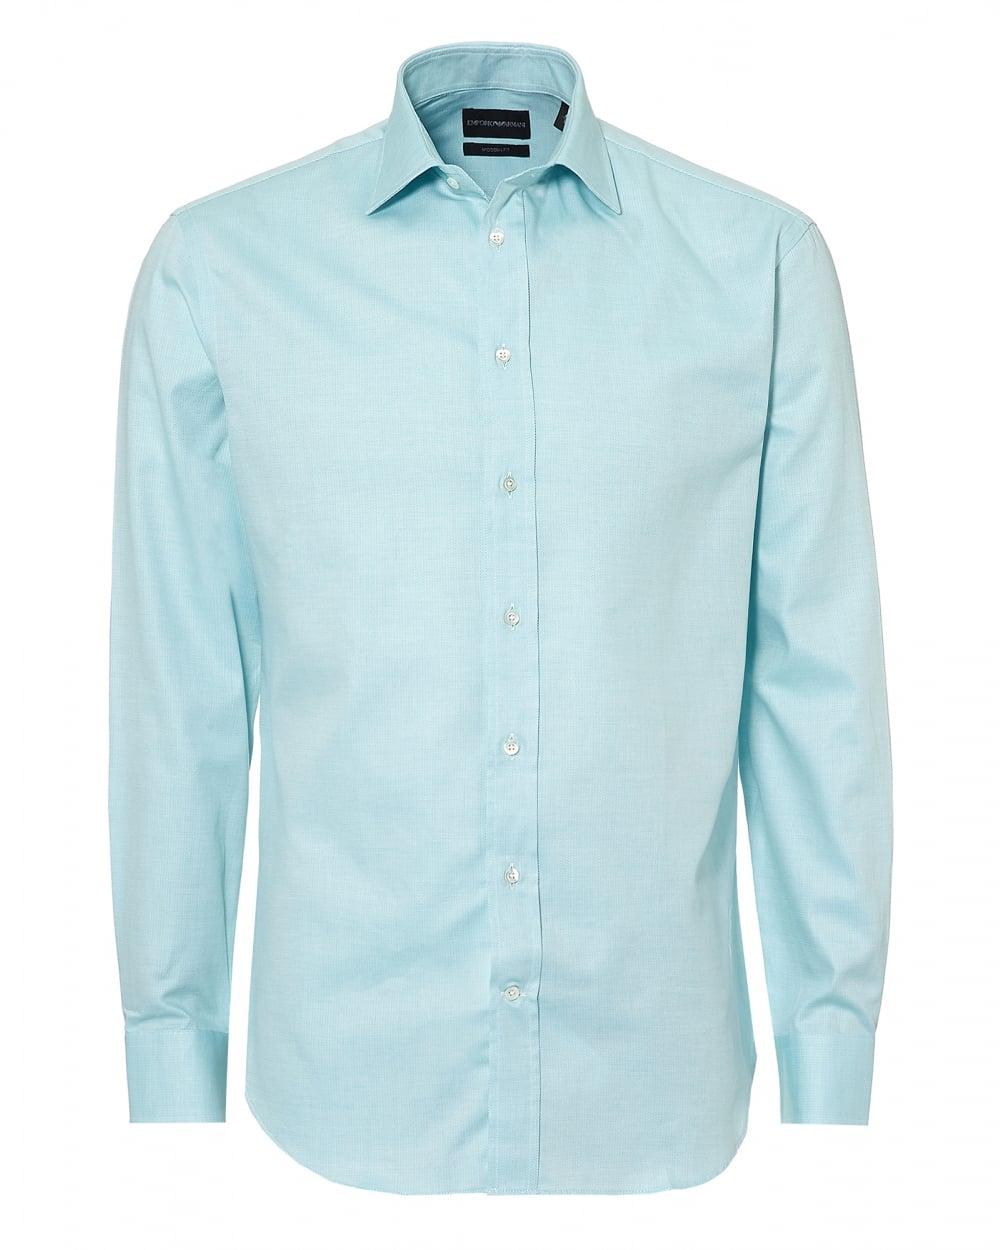 ede8093517 Mens Pin Point Cutaway Regular Fit Aqua Blue Shirt